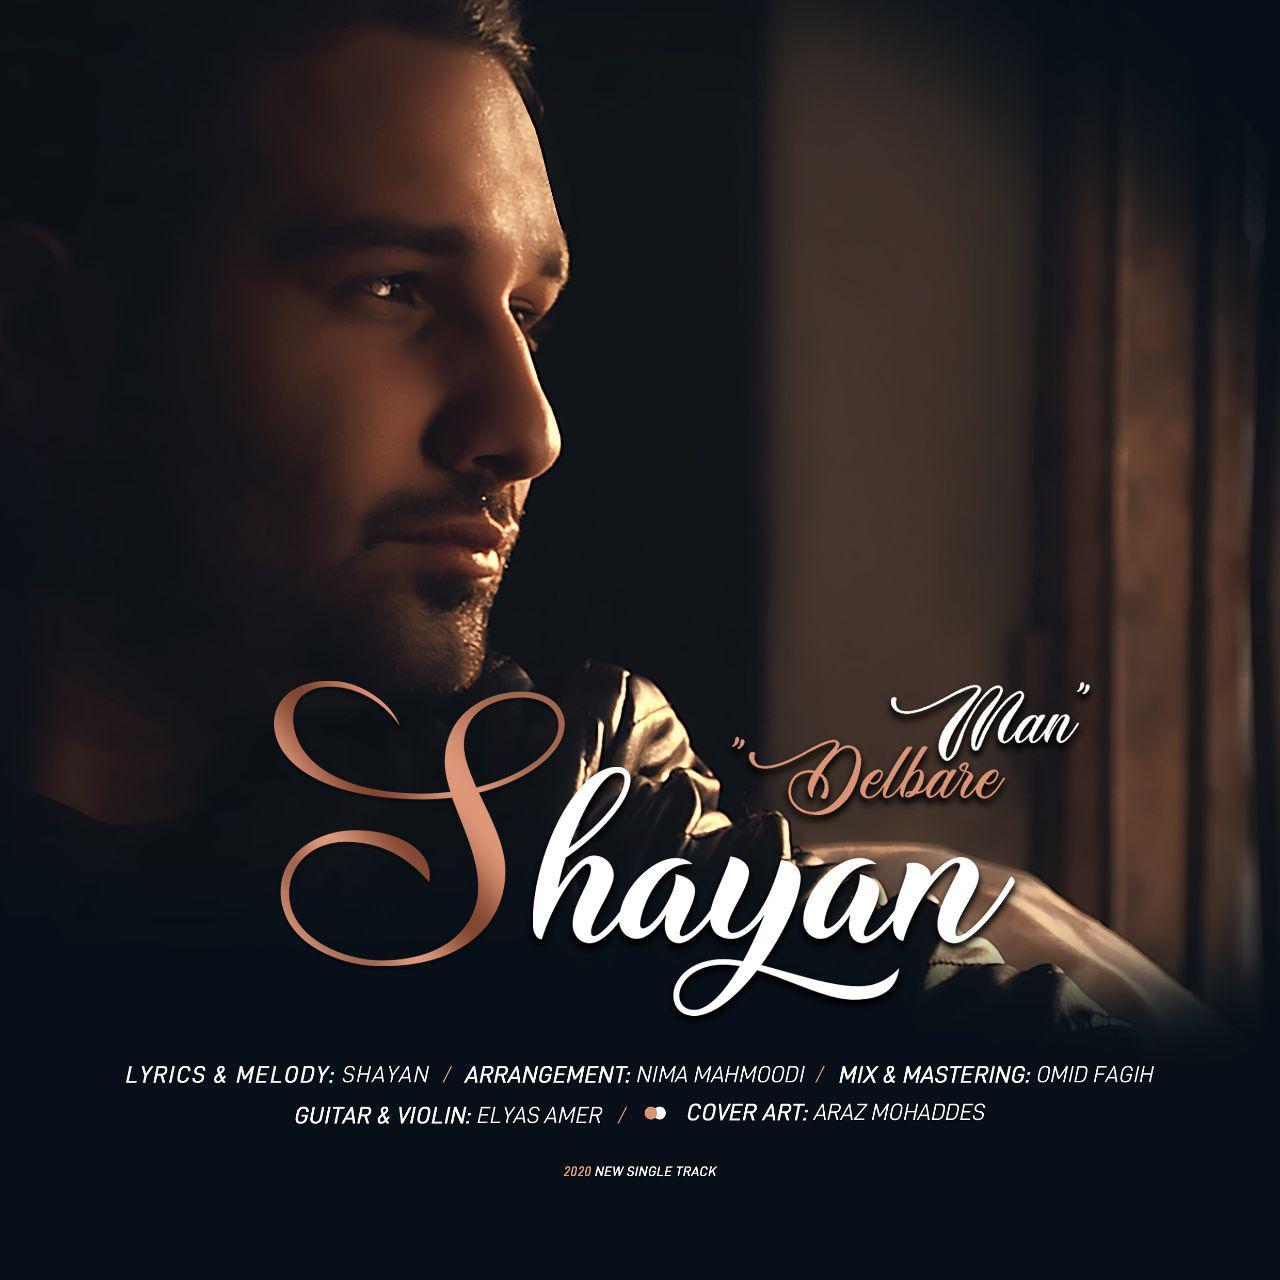 Shayan – Delbare Man